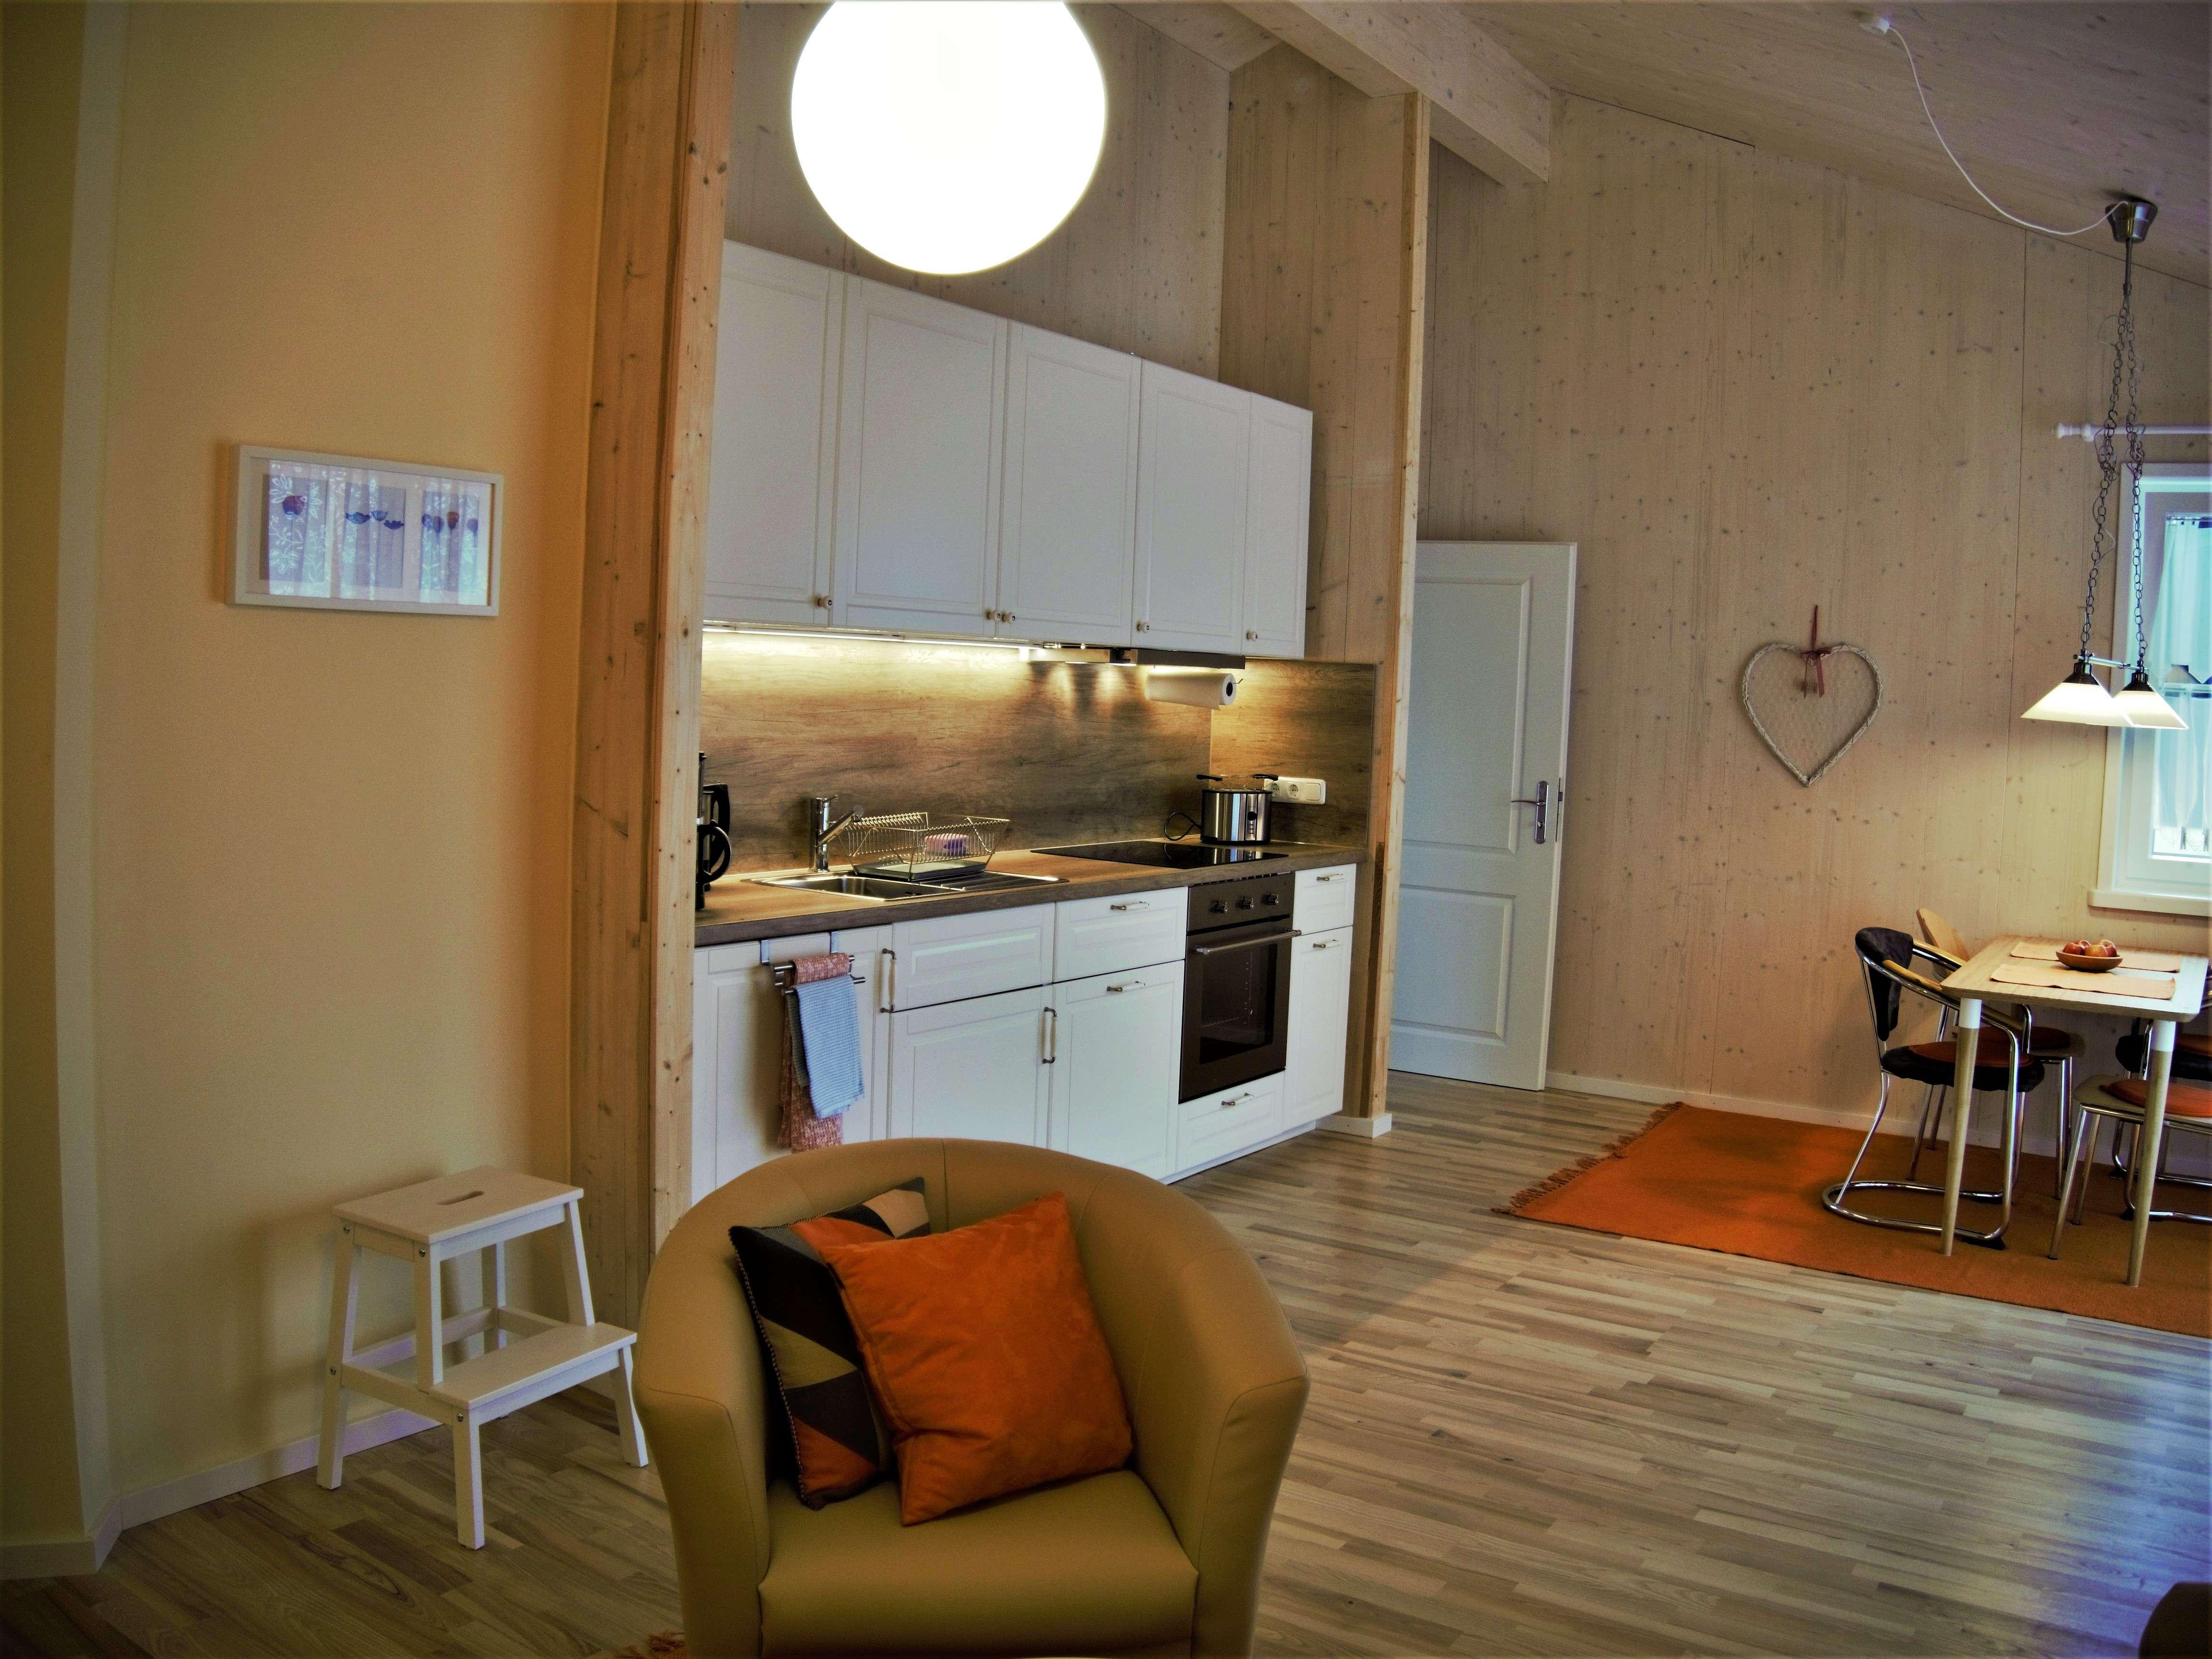 Wohnung auf Zeit, komplett eingerichtet, 3 Zimmer in